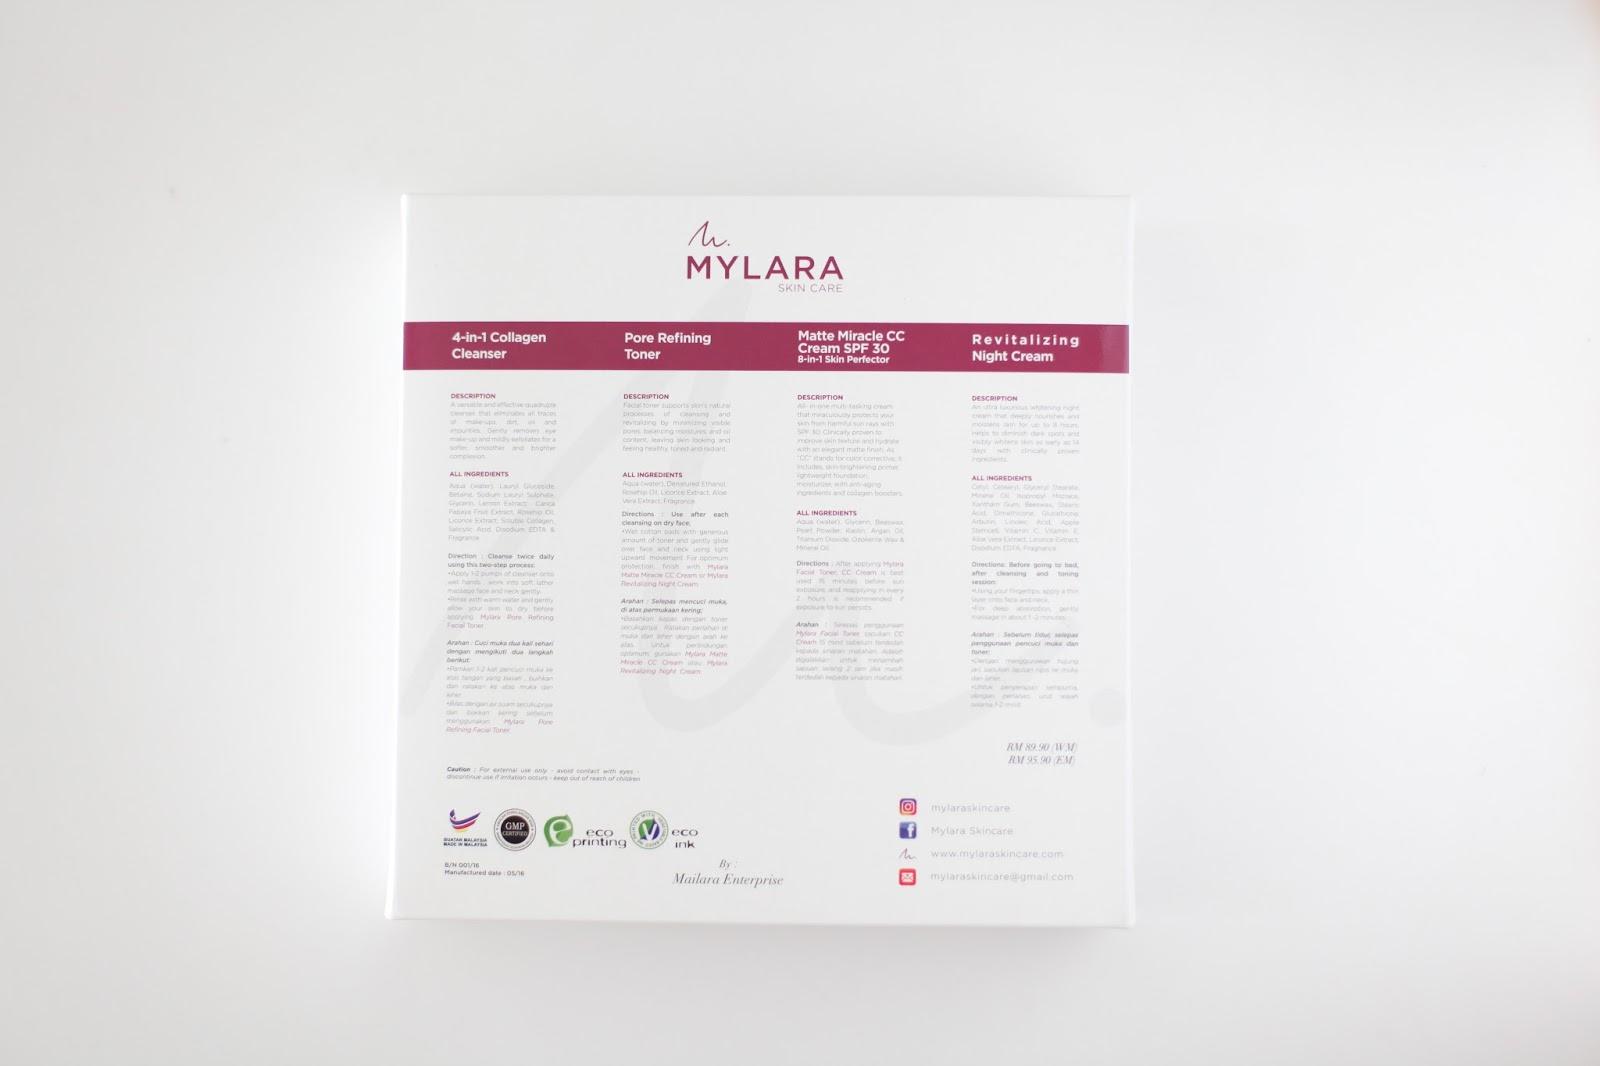 PRODUK MYLARA SKINCARE MENYEMPURNAKAN KULIT SECARA 4-IN-1